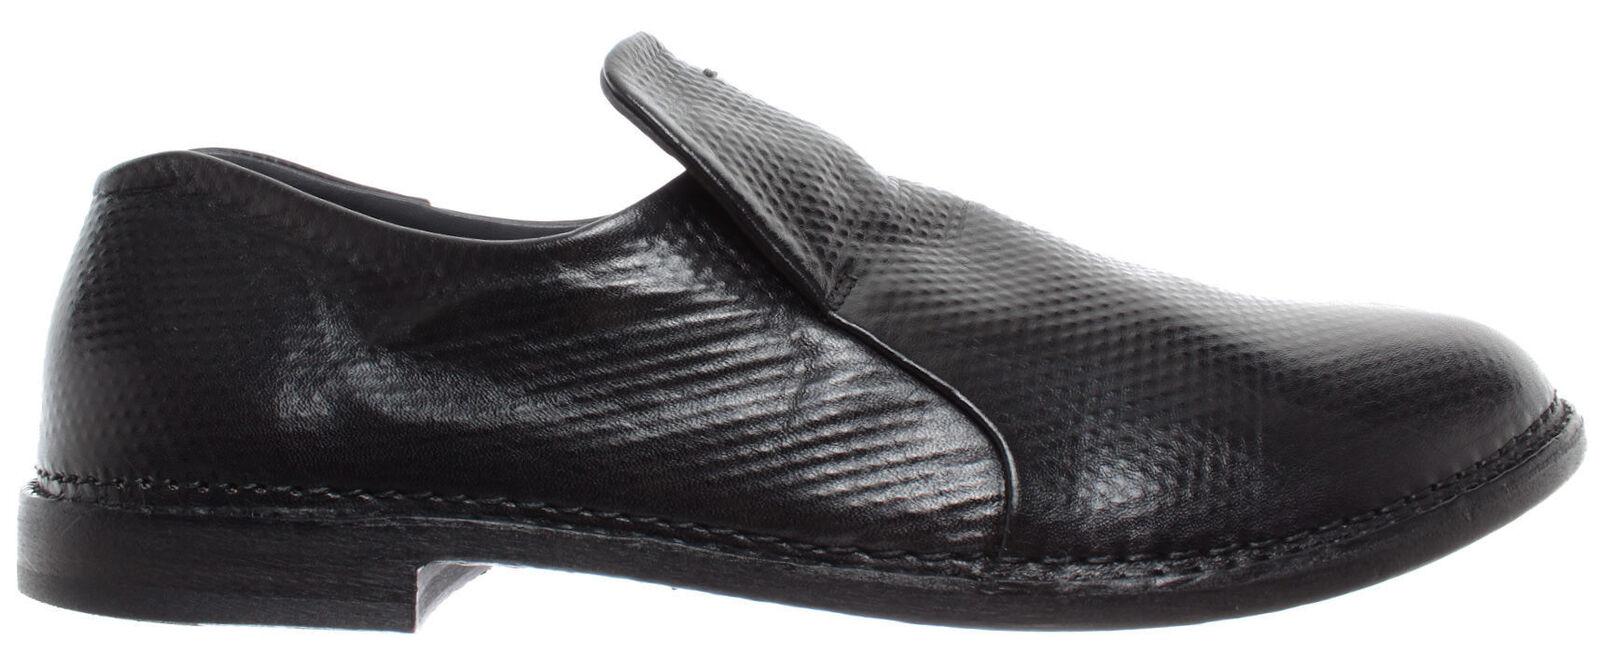 PANTANETTI Zapatos Hombres Mocasines 12567G Illium Piel Negro Hecho En Italia